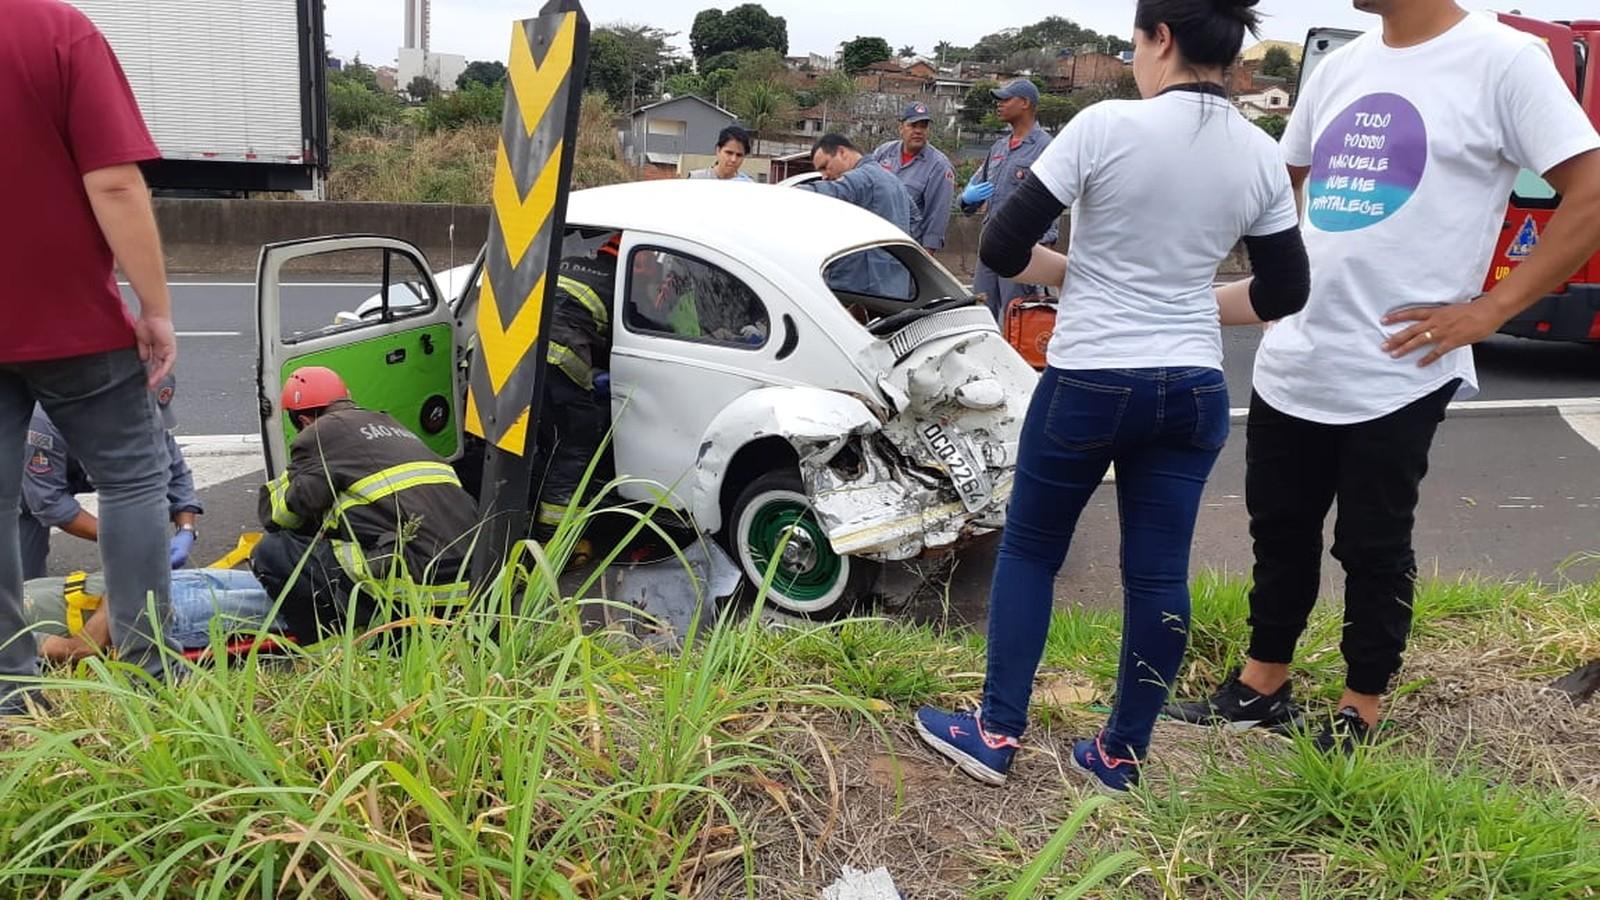 Socorrista faz atendimento de um dos motoristas feridos no acidente, que foram levados para o HC — Foto: Corpo de Bombeiros/Divulgação